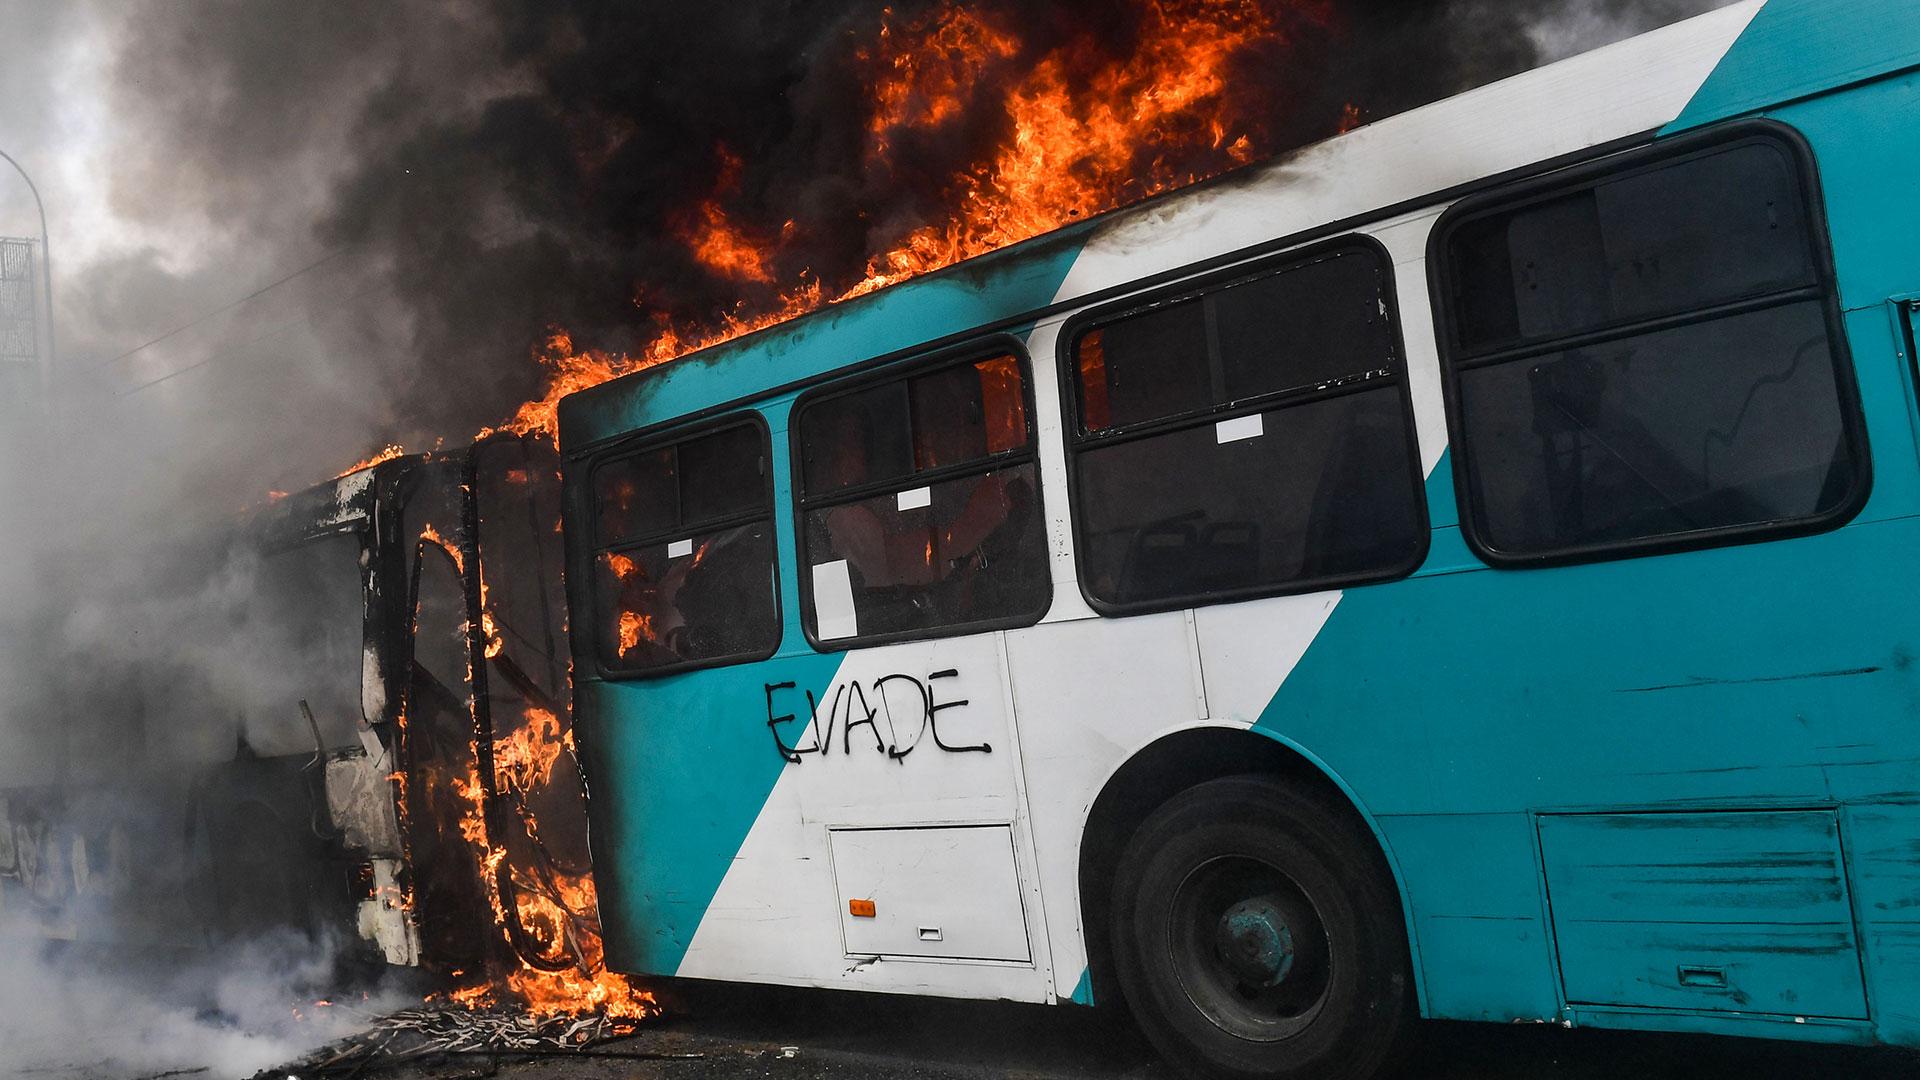 Un autobús en llamas con la palabra